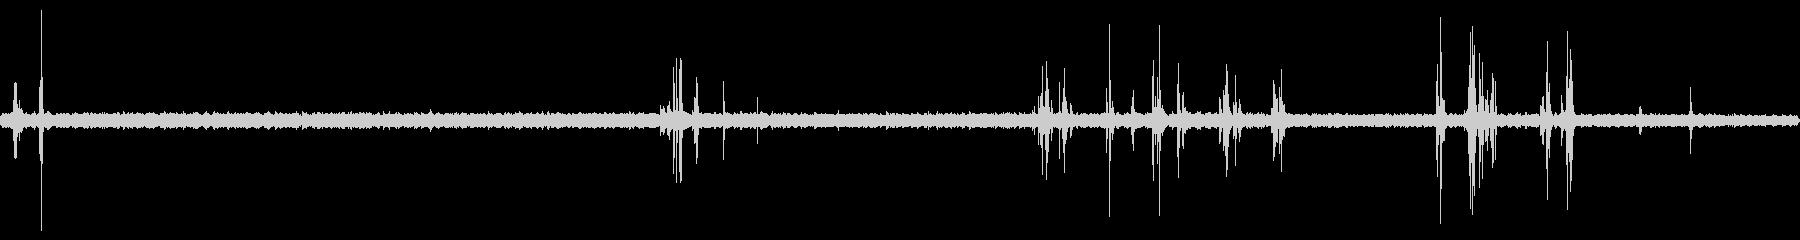 早朝の風鈴と蟬と鳥の音 01の未再生の波形